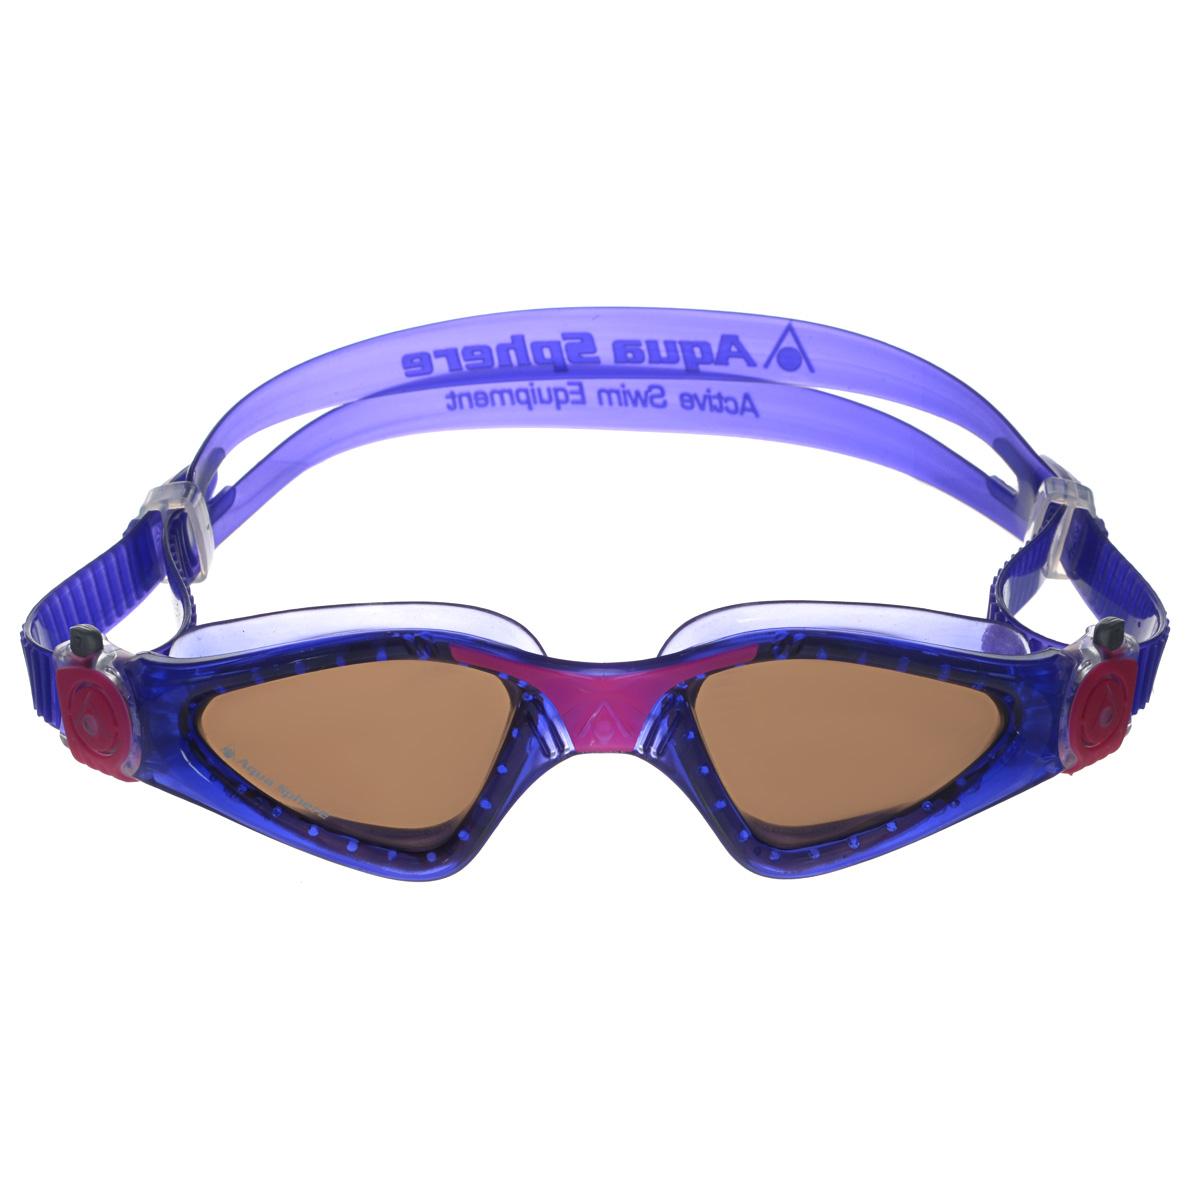 Очки для плавания Aqua Sphere Kayenne Lady, цвет: фиолетовый, розовый, черныйTN 172750Модные и стильные очки для плавания Aqua Sphere Kayenne Lady идеально подходят для плавания в бассейне или открытой воде. Оснащены линзами с антизапотевающим покрытием, которые устойчивы к появлению царапин. Мягкий комфортный обтюратор плотно прилегает к лицу. Запатентованные изогнутые линзы дают прекрасный обзор на 180° - без искажений. Рамка имеет гидродинамическую форму. Очки оснащены удобными быстрорегулируемыми пряжками. Материал: софтерил, plexisol.